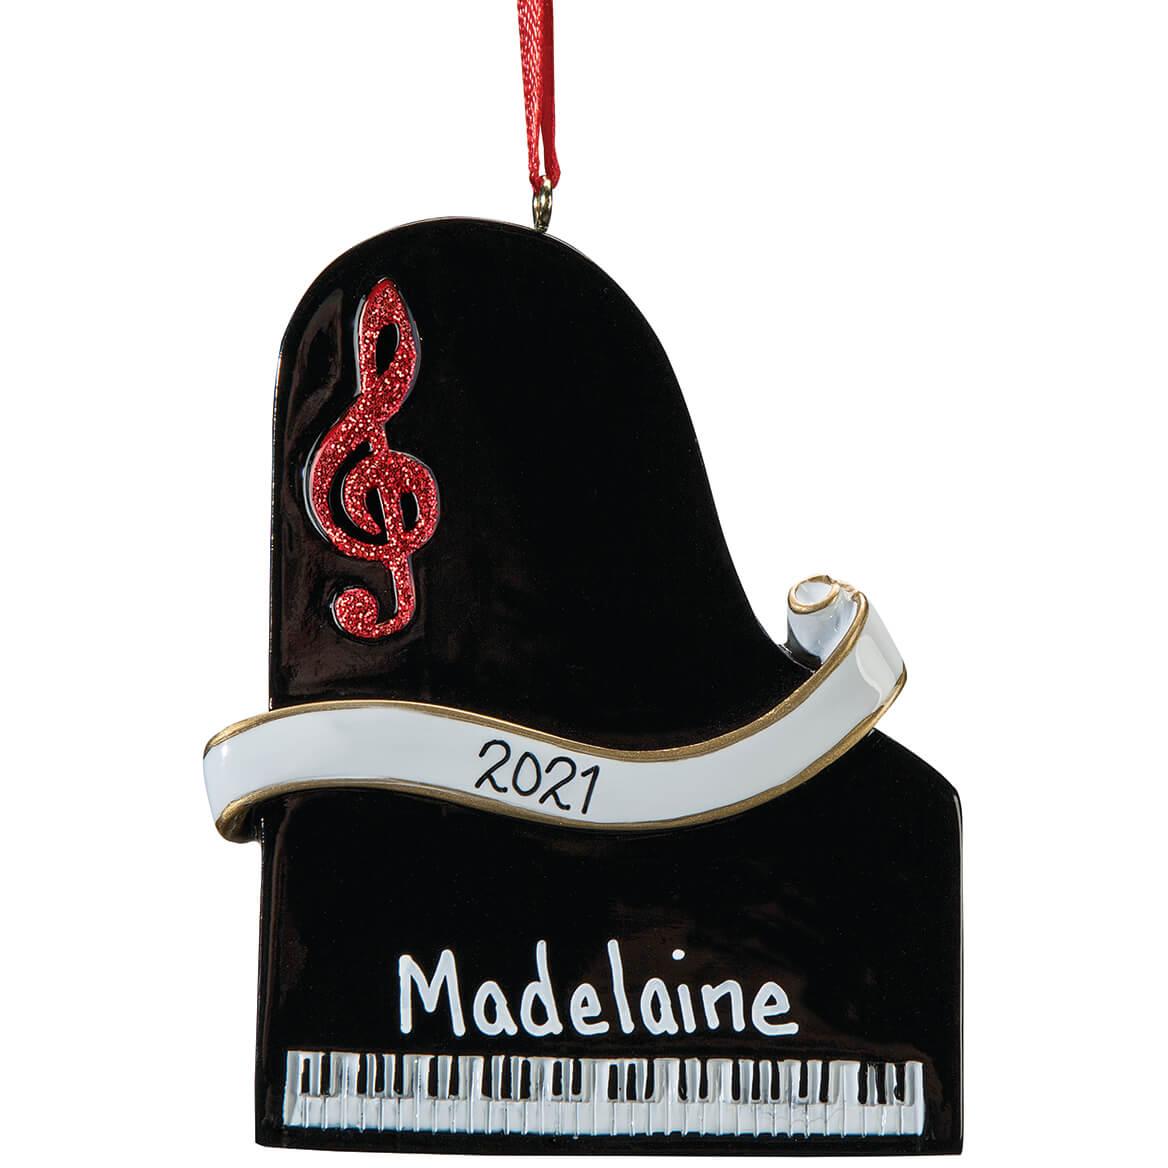 Personalized Piano Ornament-364872